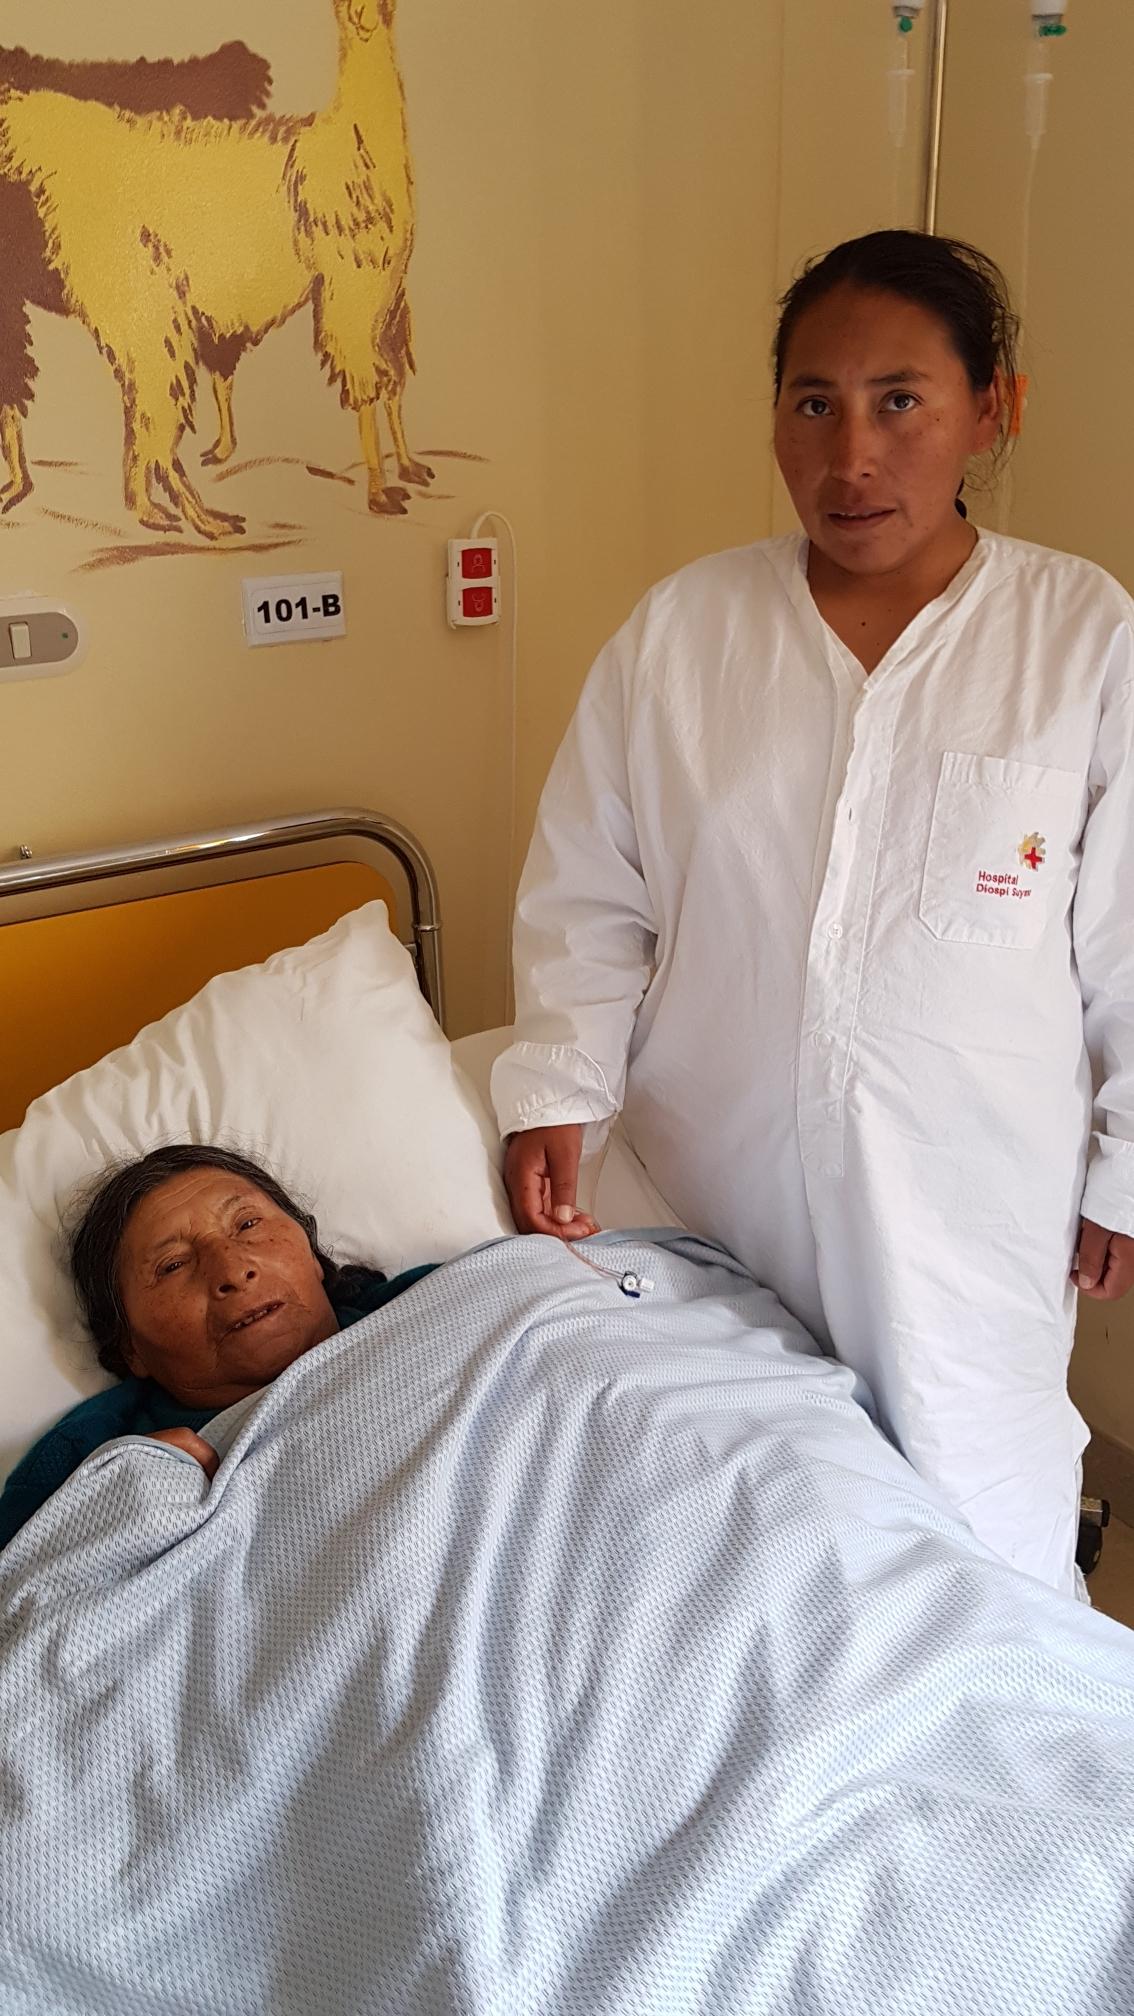 Sie wohnen eine halbe Stunde voneinander entfernt und treffen sich das erste Mal im Hospital Diospi Suyana als gefäßchirurgische Patienten.